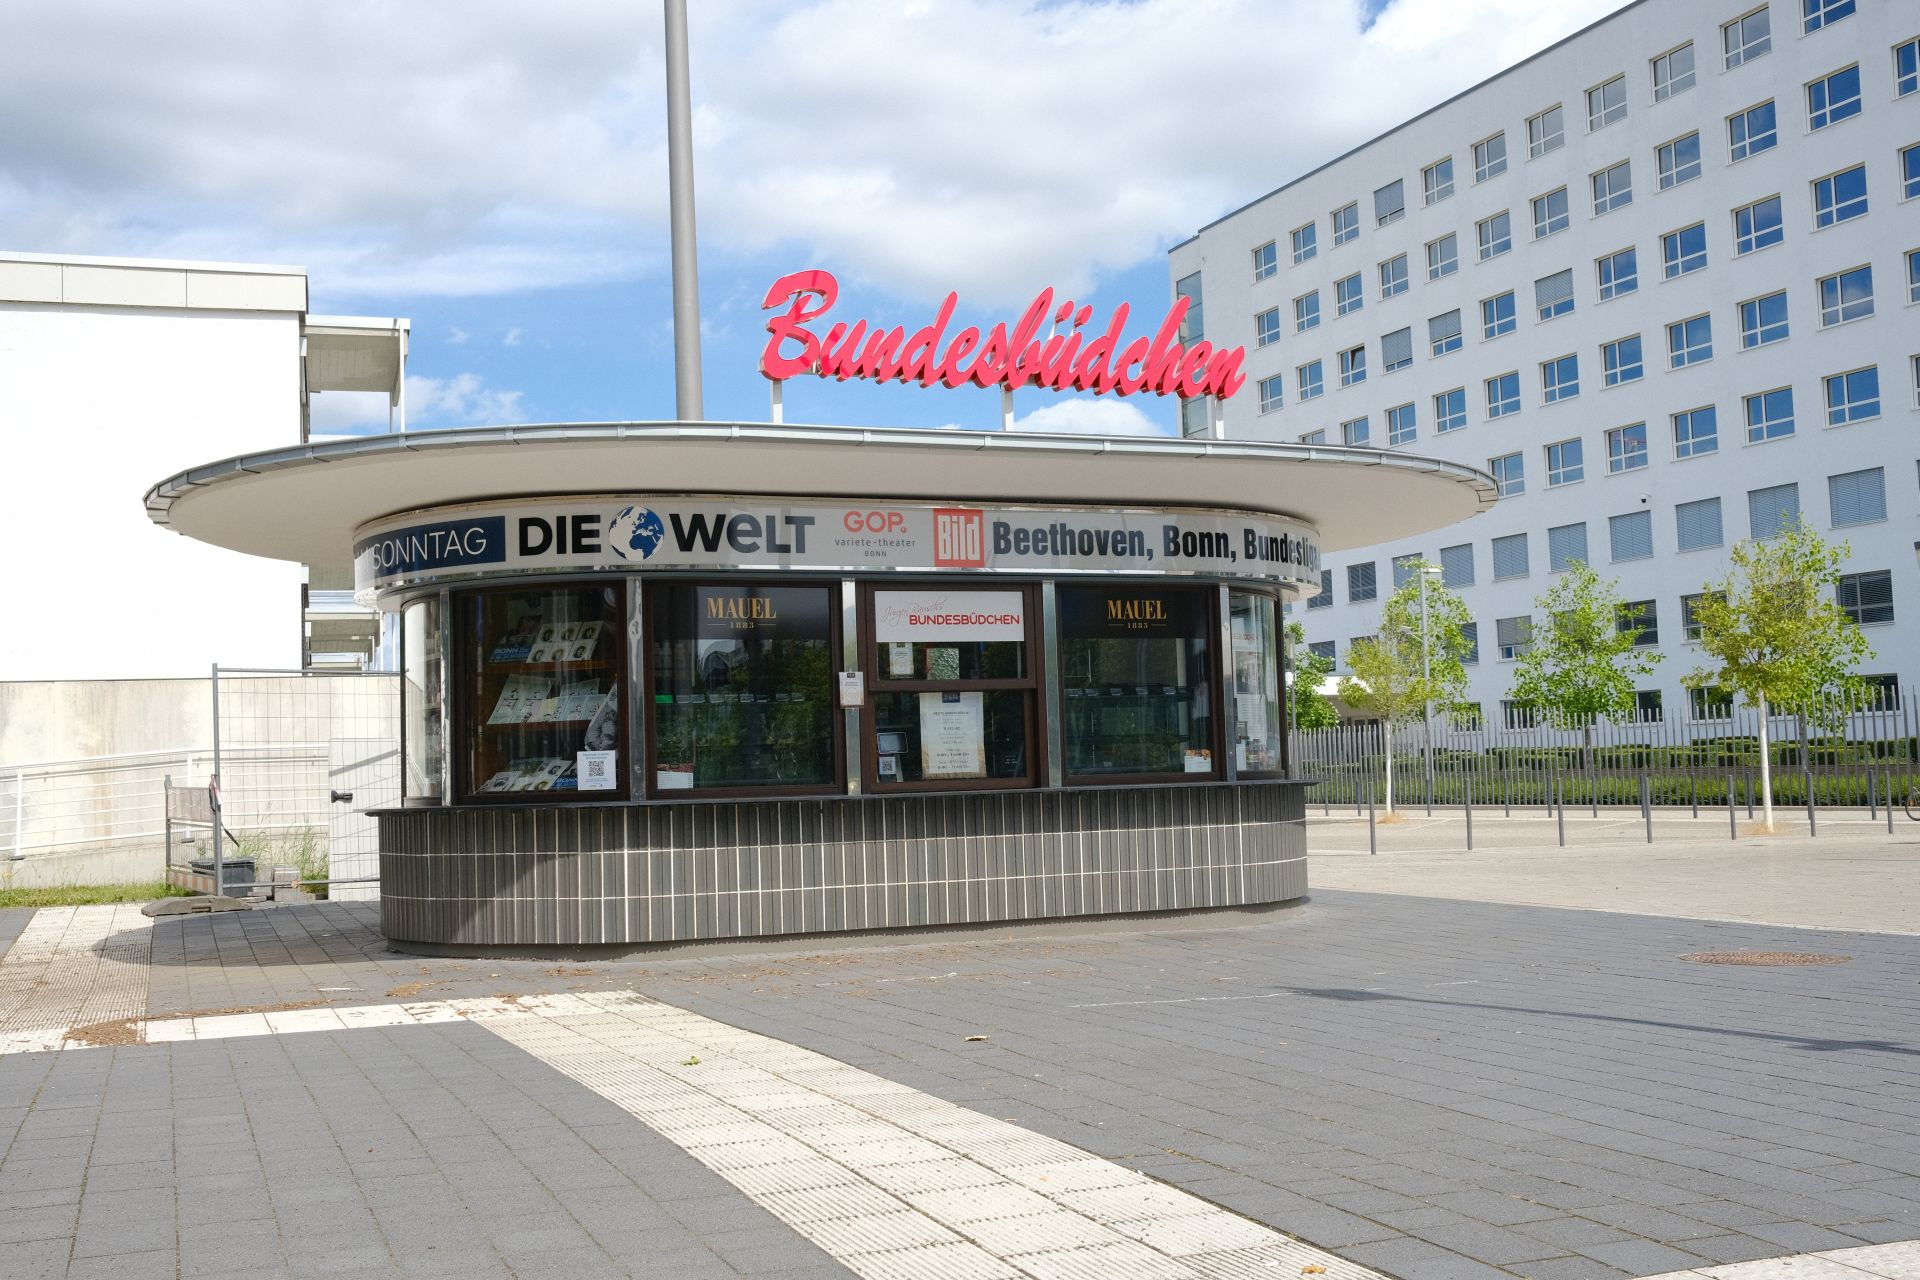 Bundesbüdchen f/8 1/210sec ISO-160 23mm